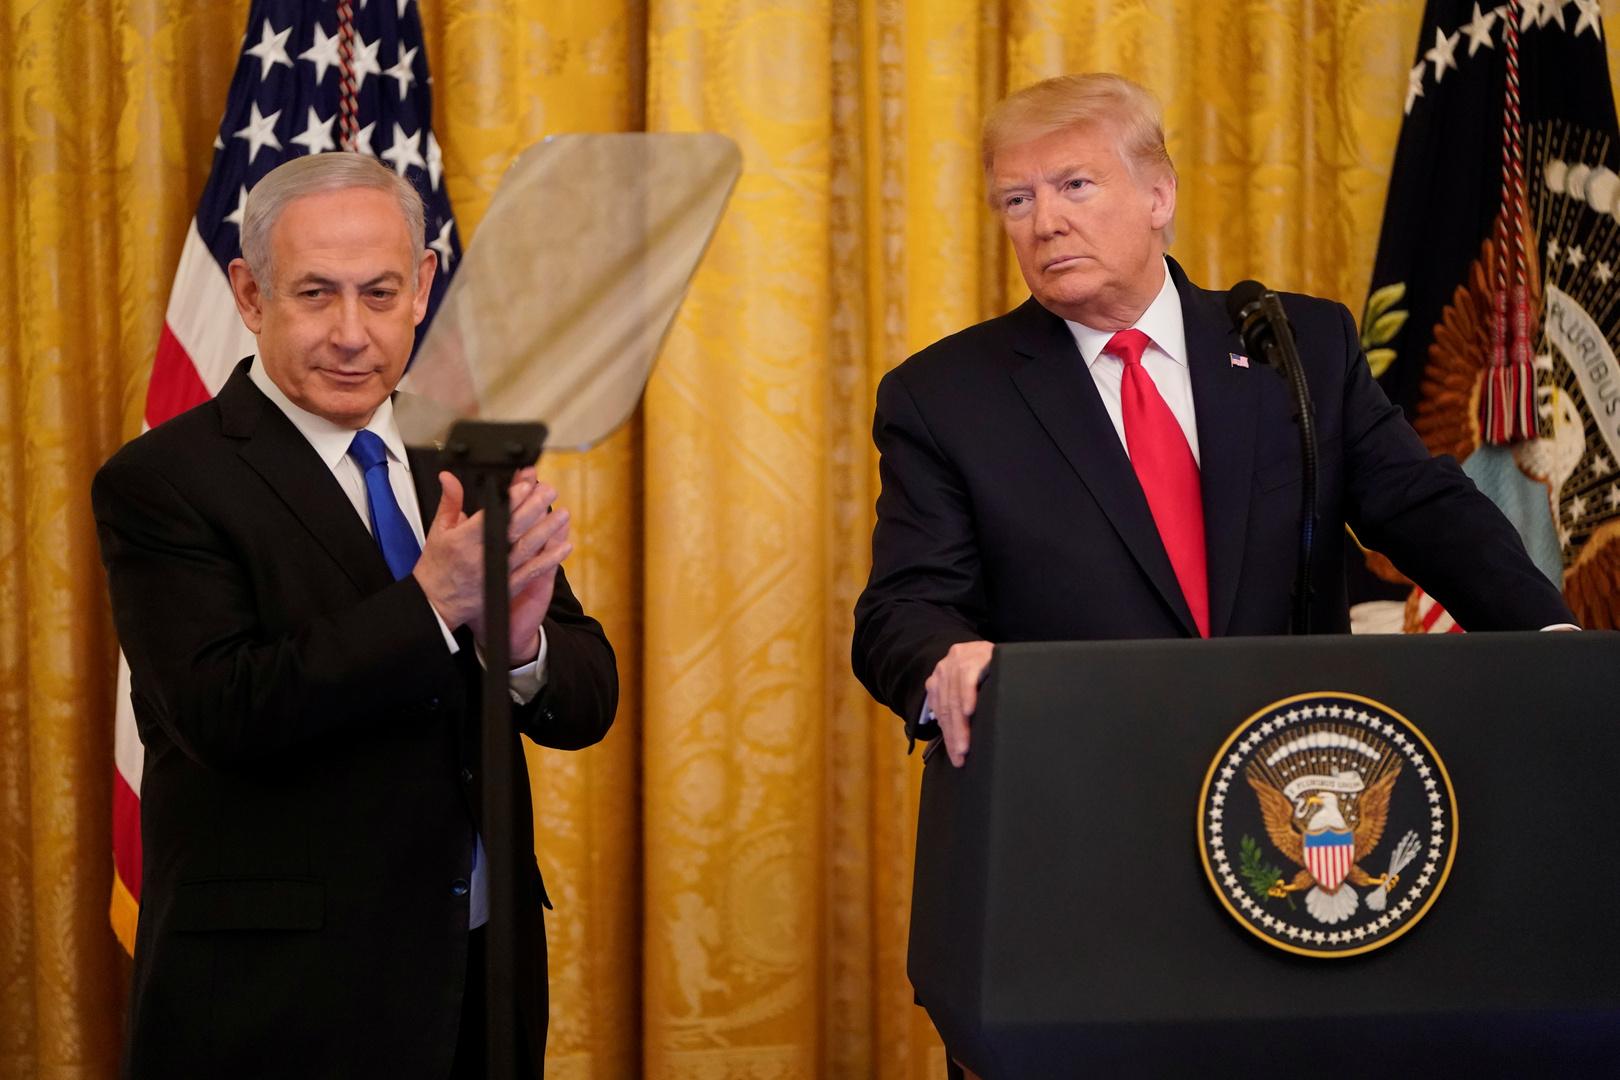 الرئيس الأمريكي، دونالد ترامب، في مؤتمر صحفي مشترك مع رئيس حكومة تصريف الأعمال الإسرائيلية، بنيامين نتنياهو، في البيت الأبيض (28 يناير 2020).